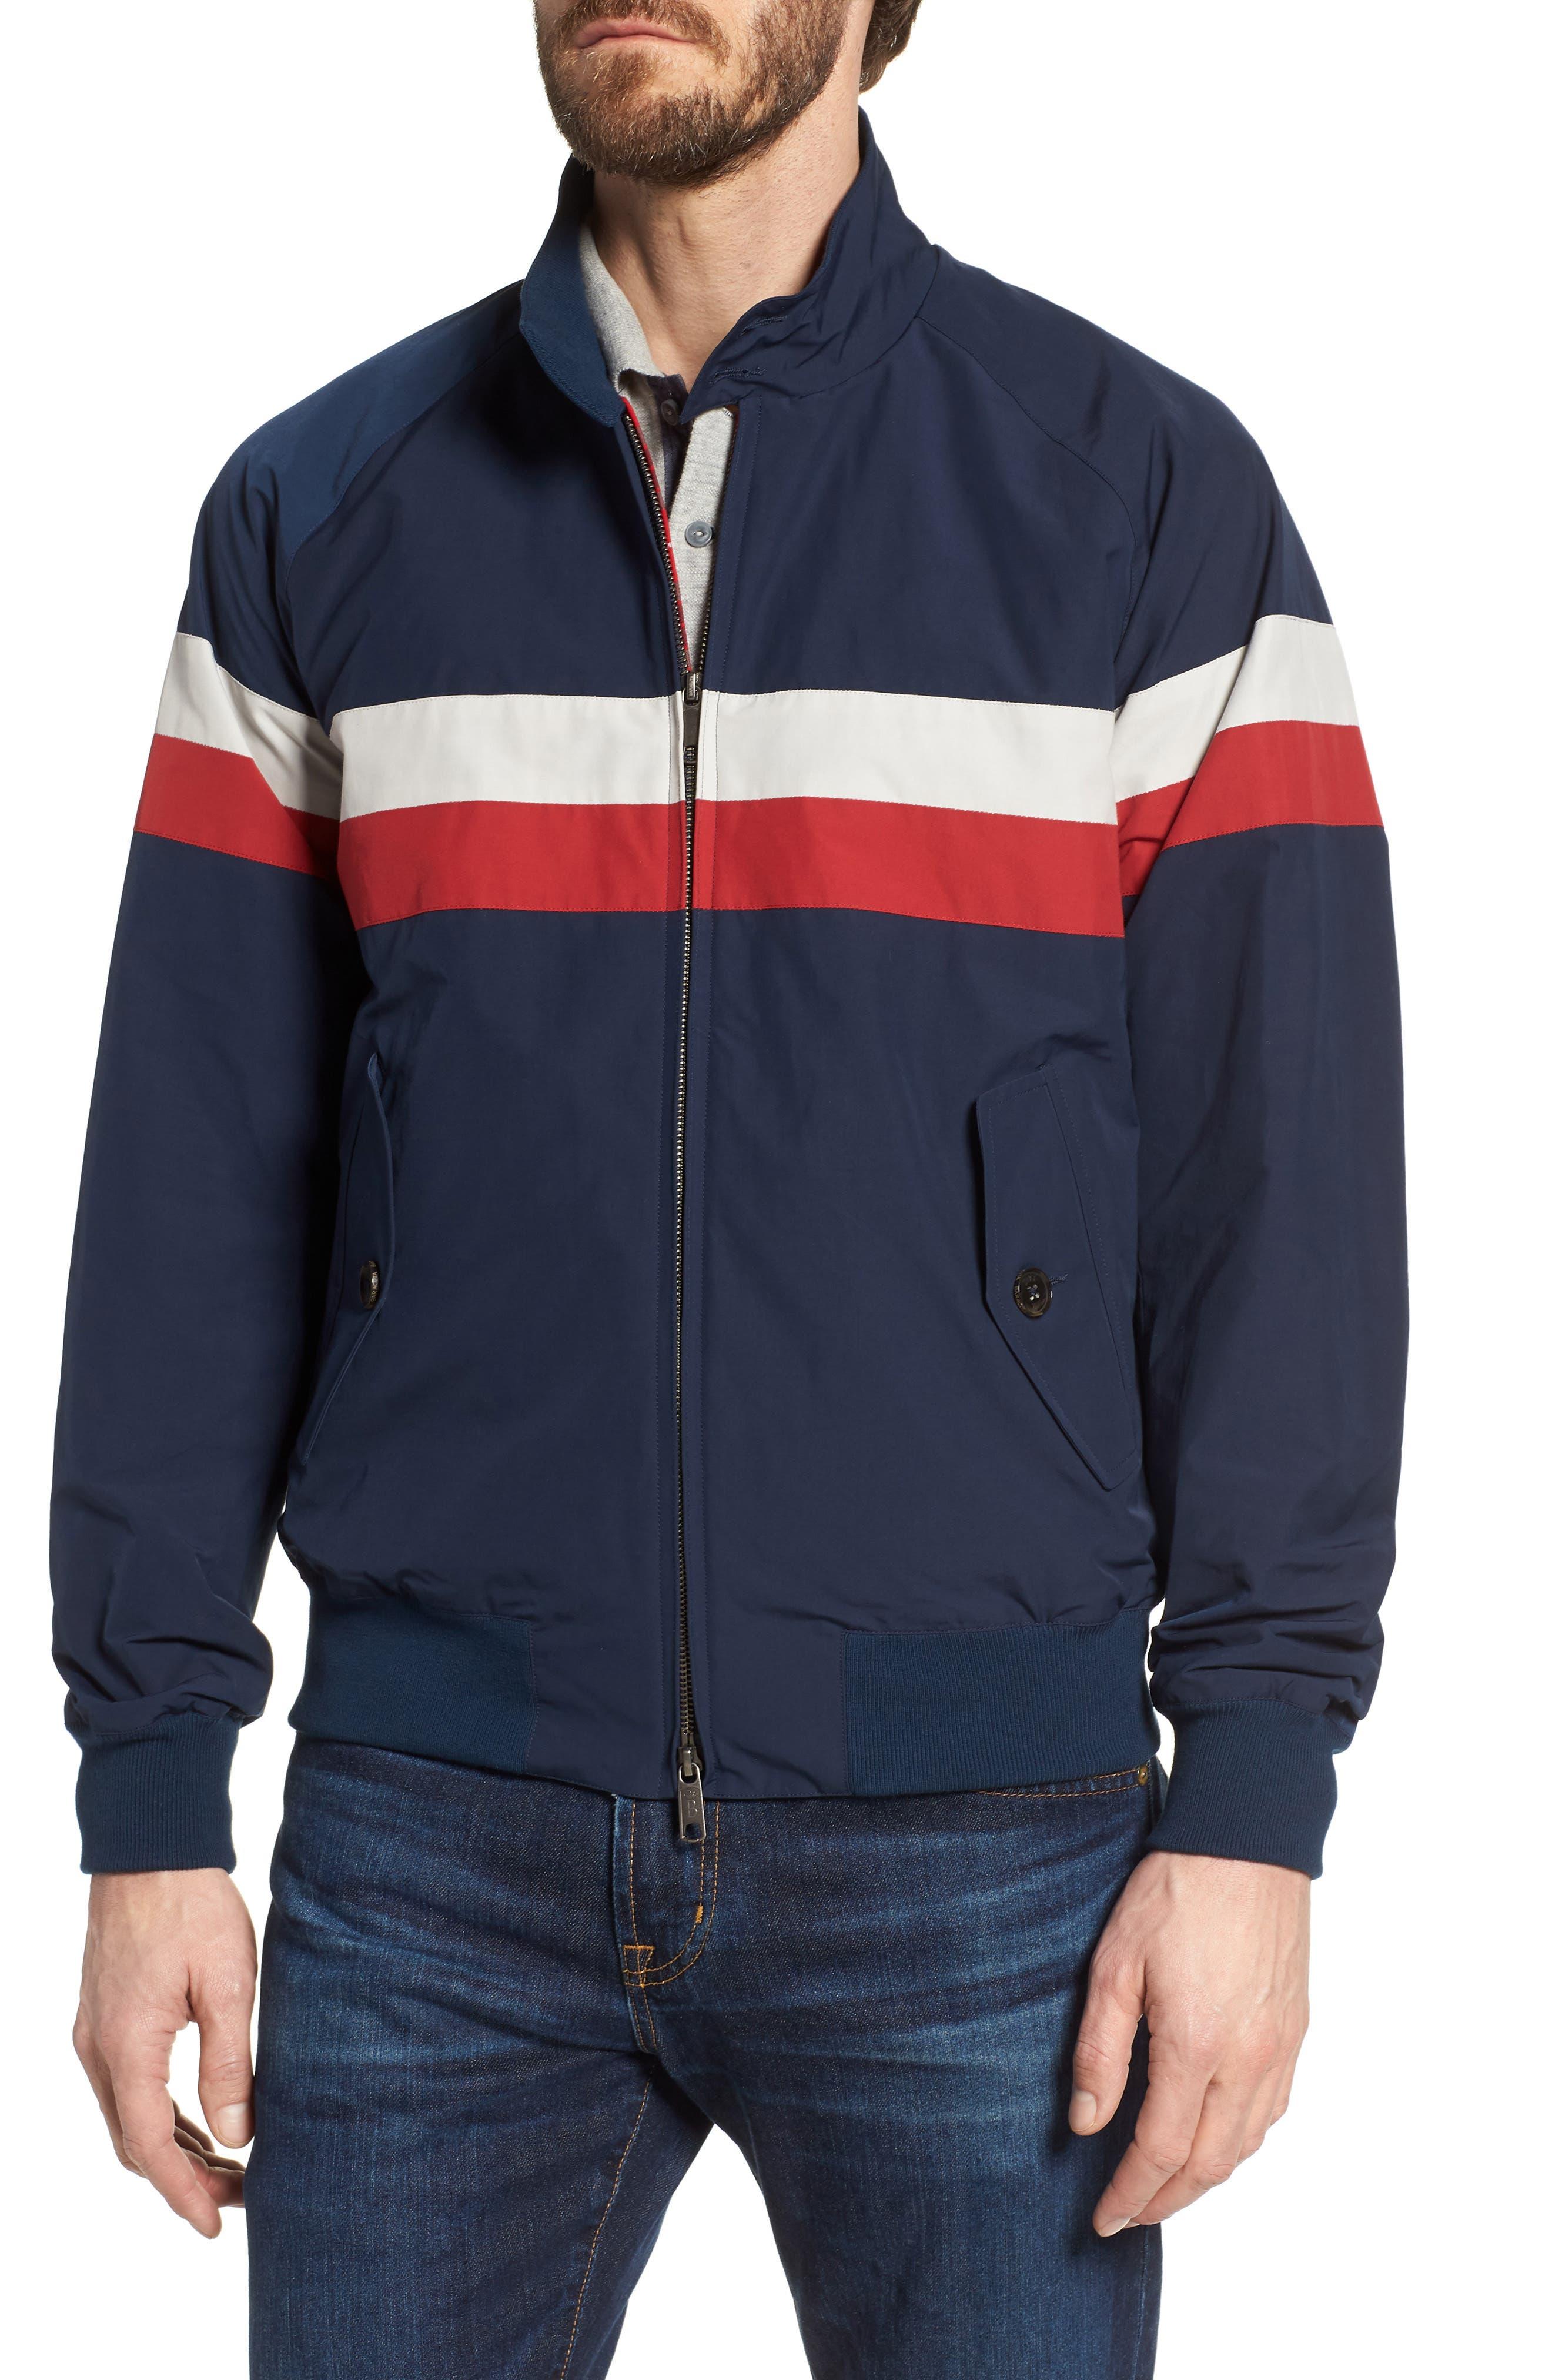 G9 Varsity Jacket,                             Alternate thumbnail 4, color,                             Navy